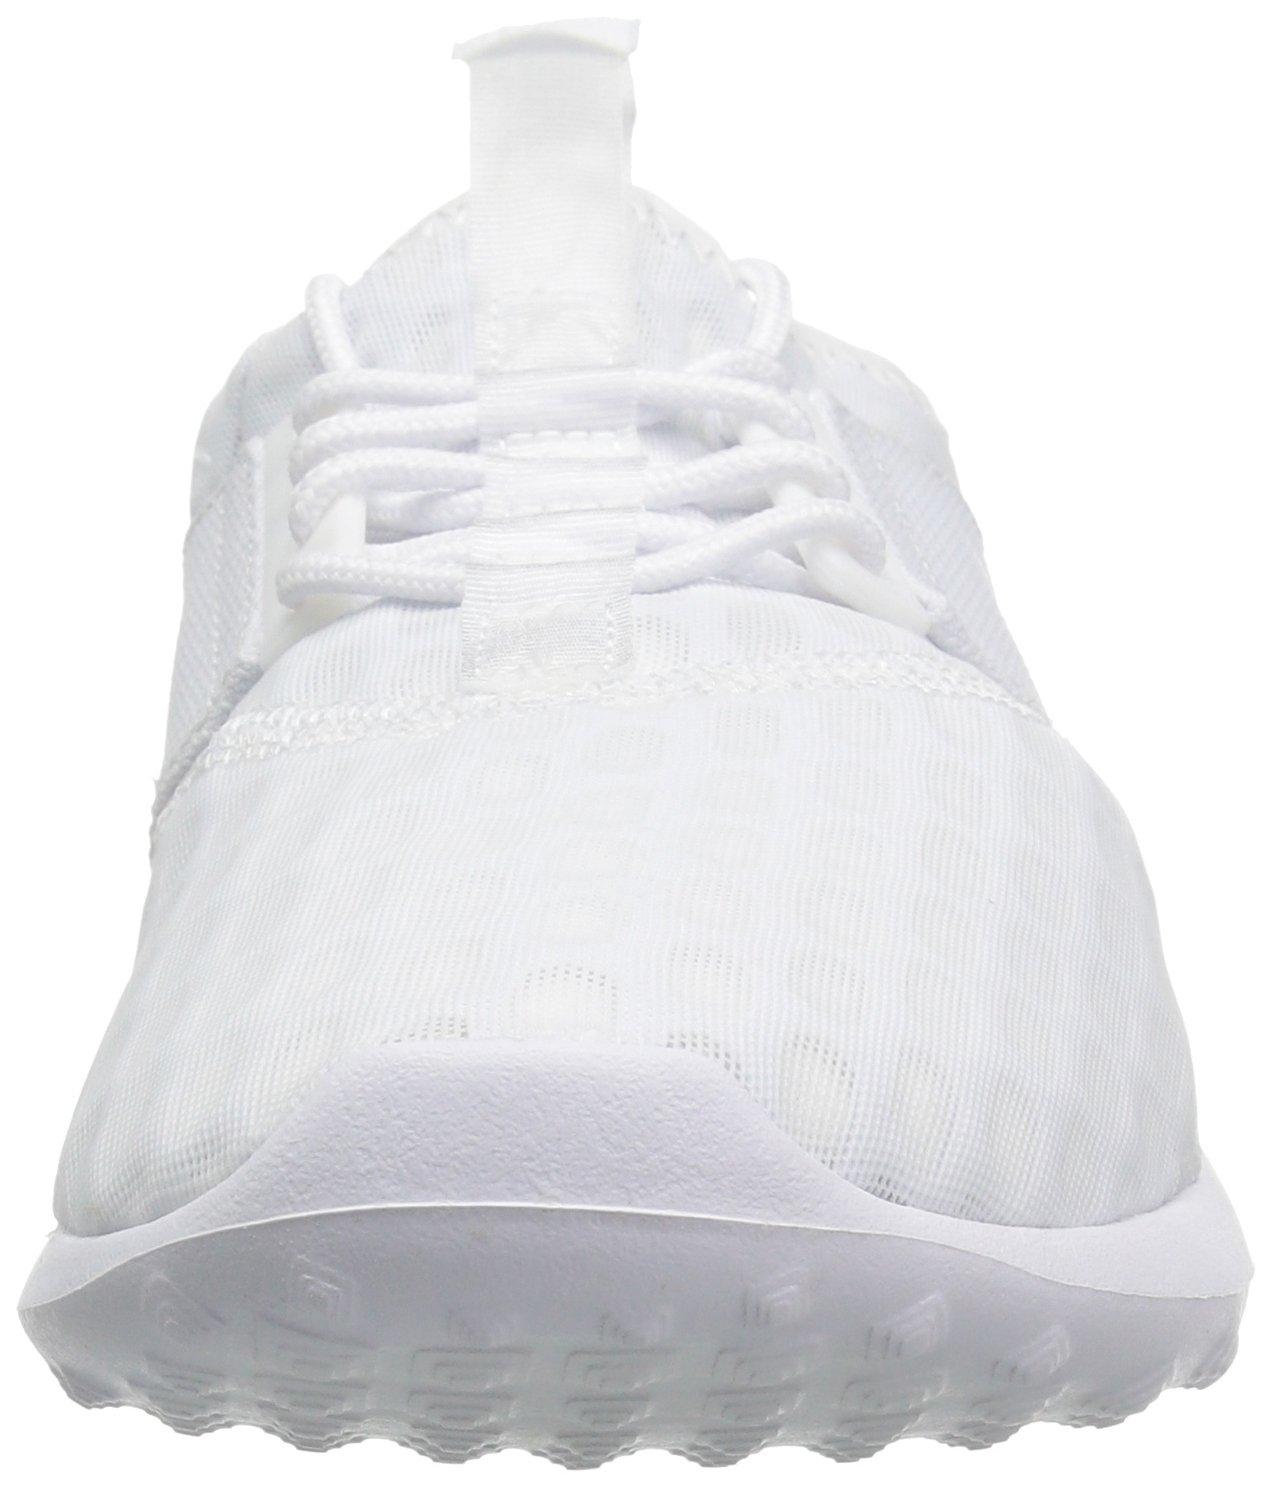 NIKE B06XRVWH9D Women's Juvenate Running Shoe B06XRVWH9D NIKE 8 B(M) US|White/White/White 8b0f99